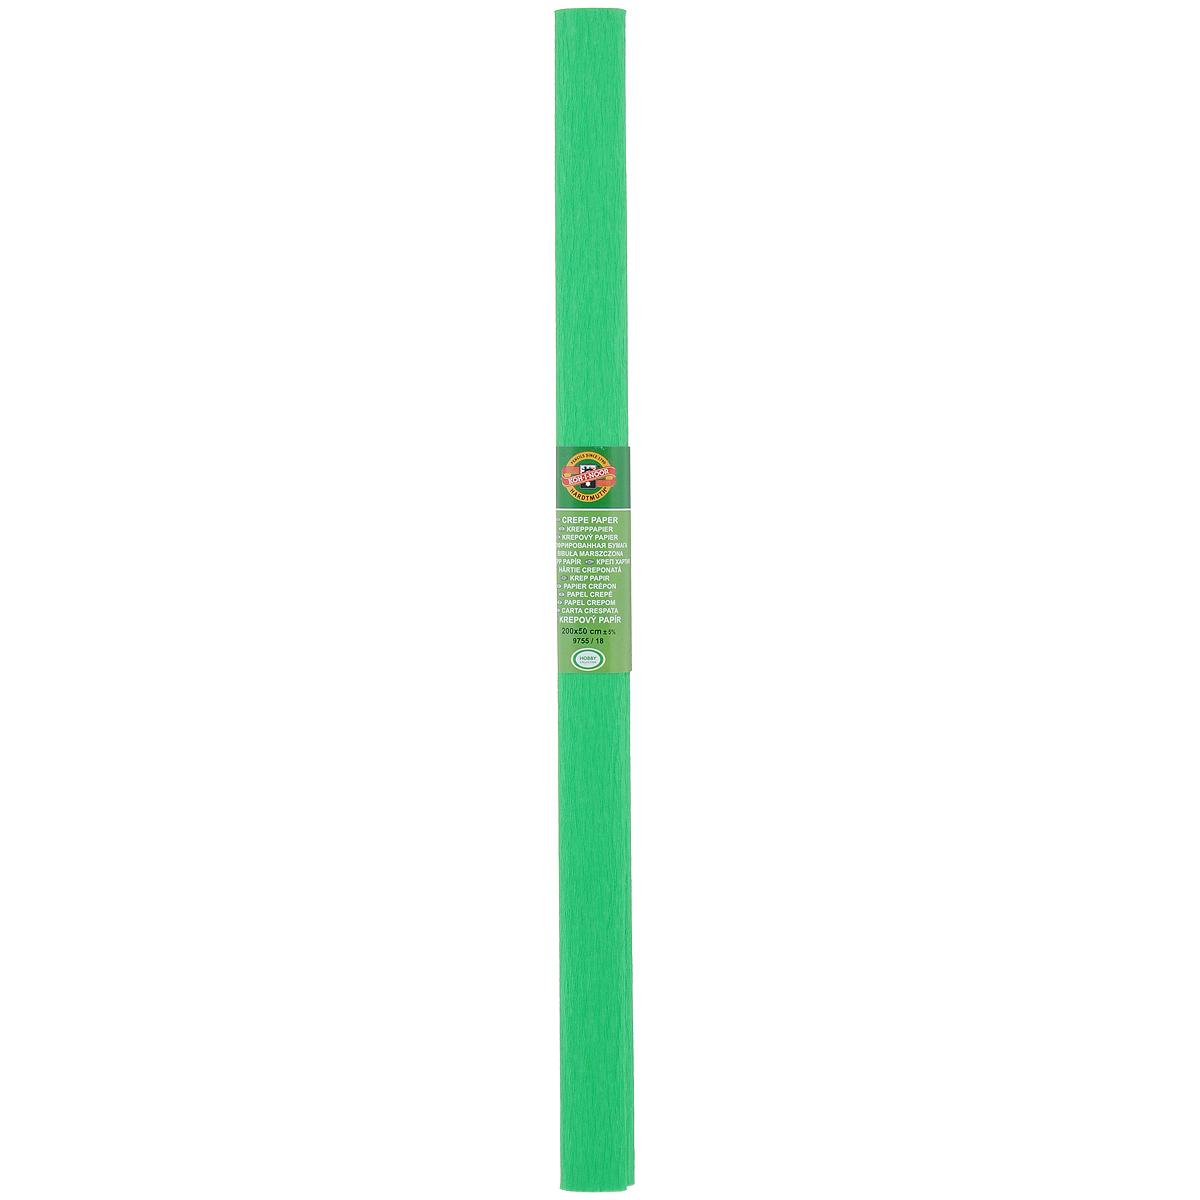 Бумага гофрированная Koh-I-Noor, цвет: зеленый, 50 см x 2 м9755/18Крепированная бумага Koh-I-Noor - прекрасный материал для декорирования, изготовления эффектной упаковки и различных поделок. Бумага прекрасно держит форму, не пачкает руки, отлично крепится и замечательно подходит для изготовления праздничной упаковки для цветов.